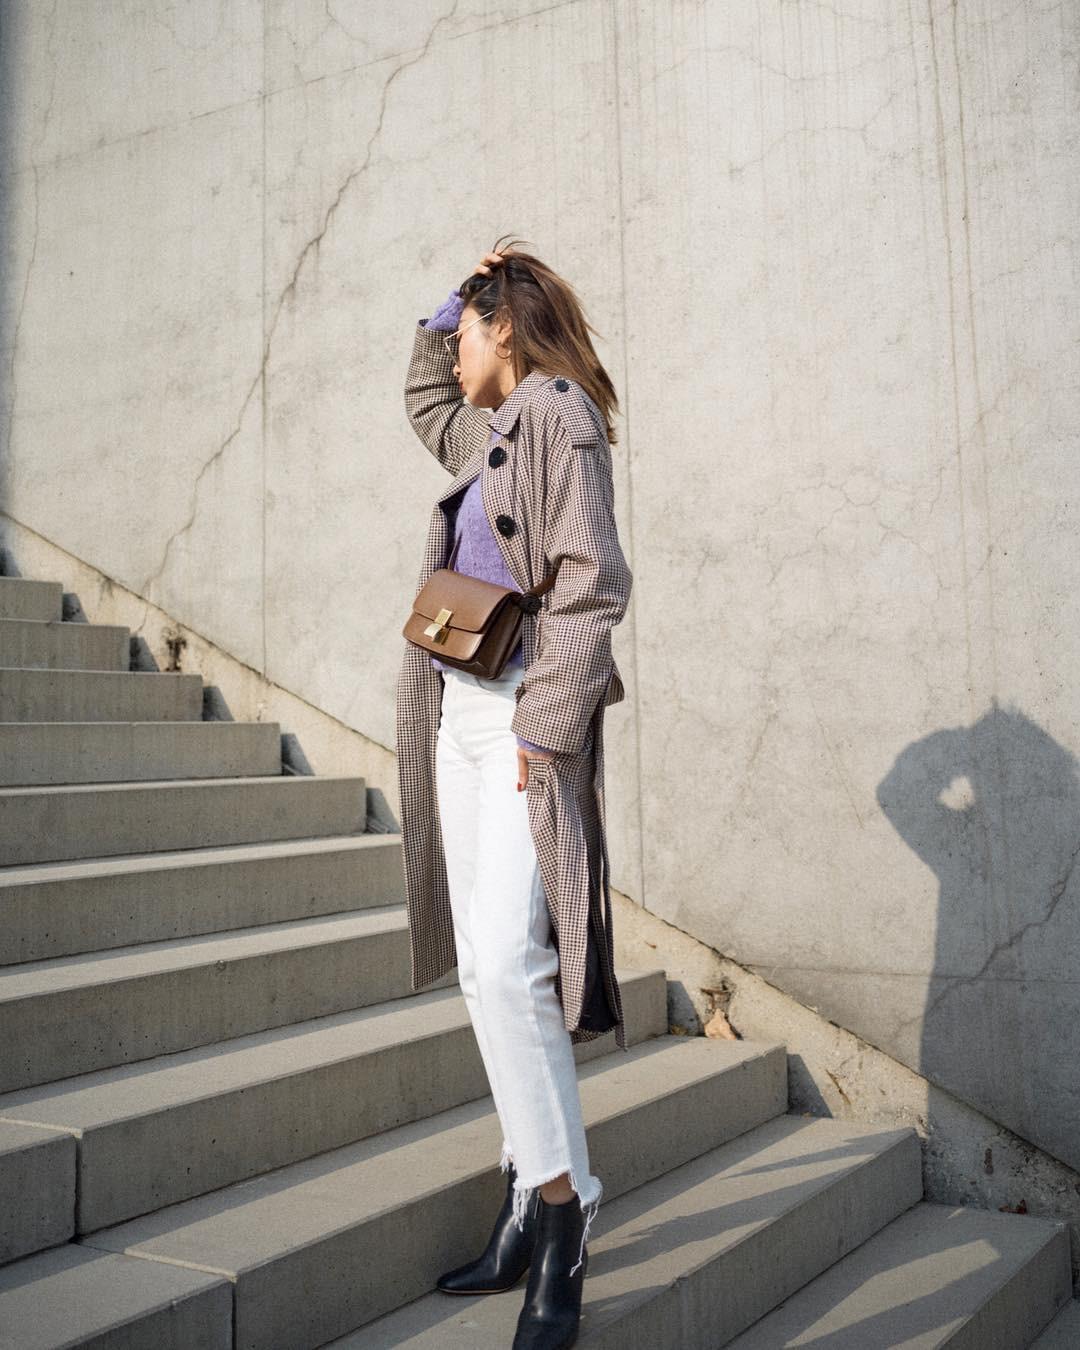 Có một kiểu quần mà các nàng cứ diện lên sẽ trẻ trung và nữ tính hơn bội phần, đó chính là quần jeans trắng - 13